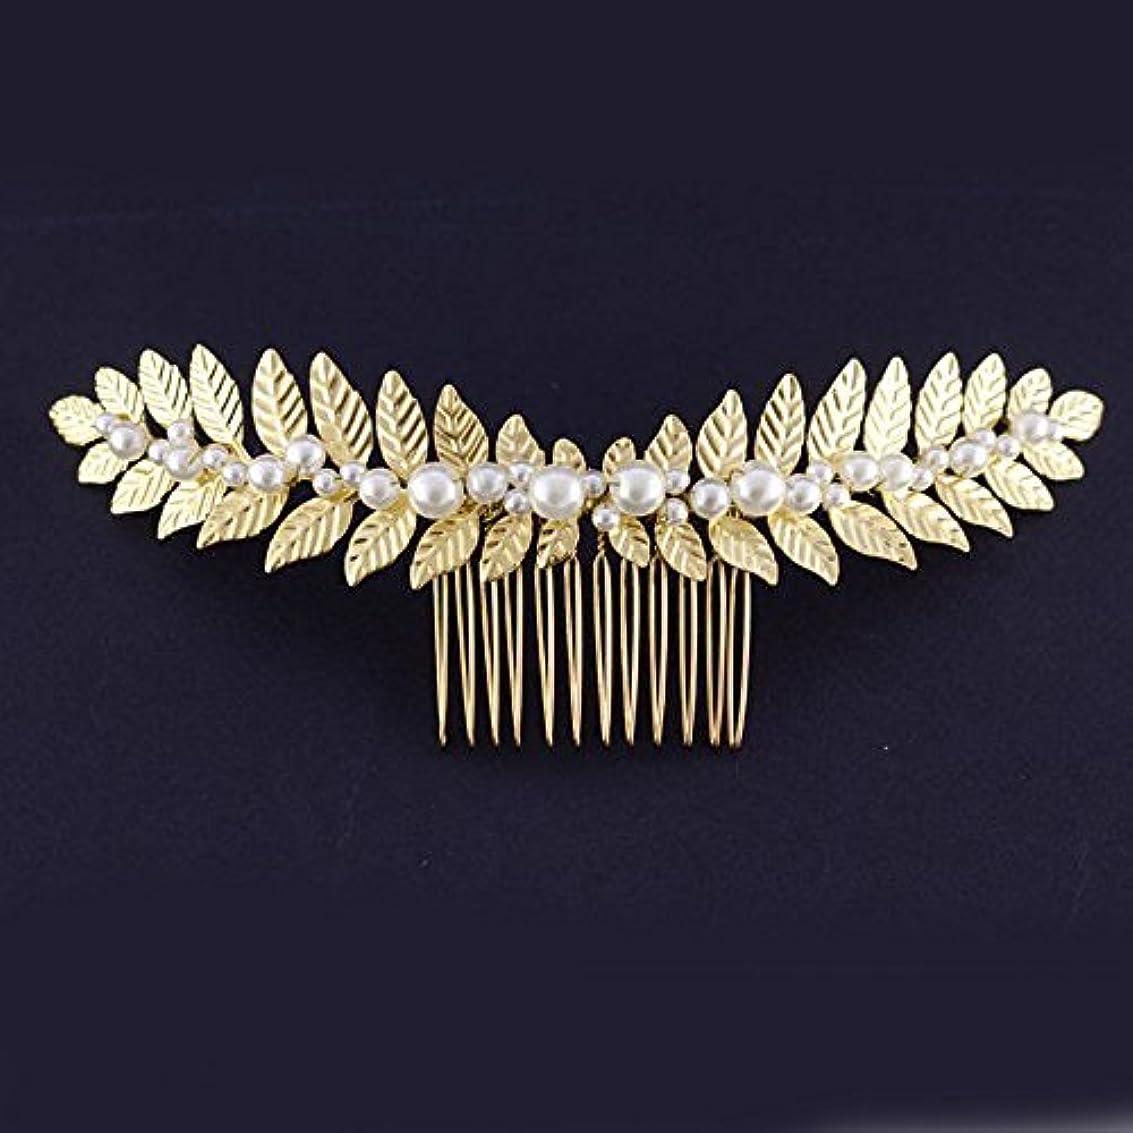 不安内側正義FXmimior Bridal Women Gold Leaves Vintage Wedding Party Crystal Rhinestone Hair Comb Hair Accessories Wedding Headpiece [並行輸入品]